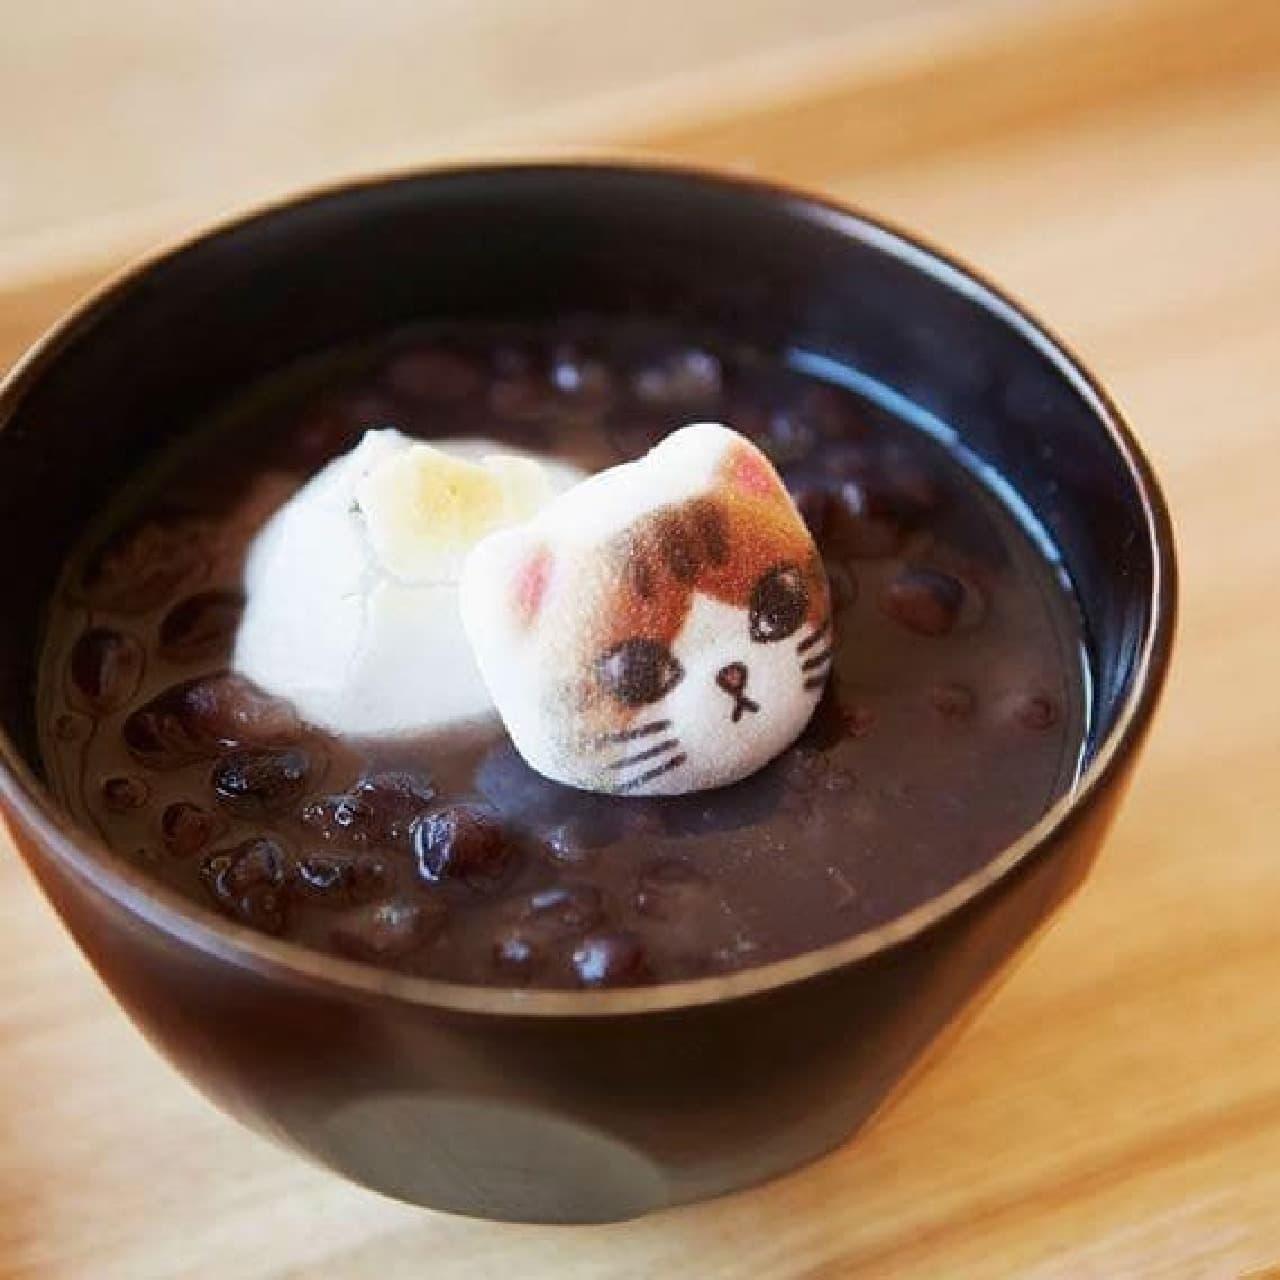 ミニ和風ニャシュマロ(猫ほうずい)  (画像は、ぜんざいのトッピングとして利用した例)